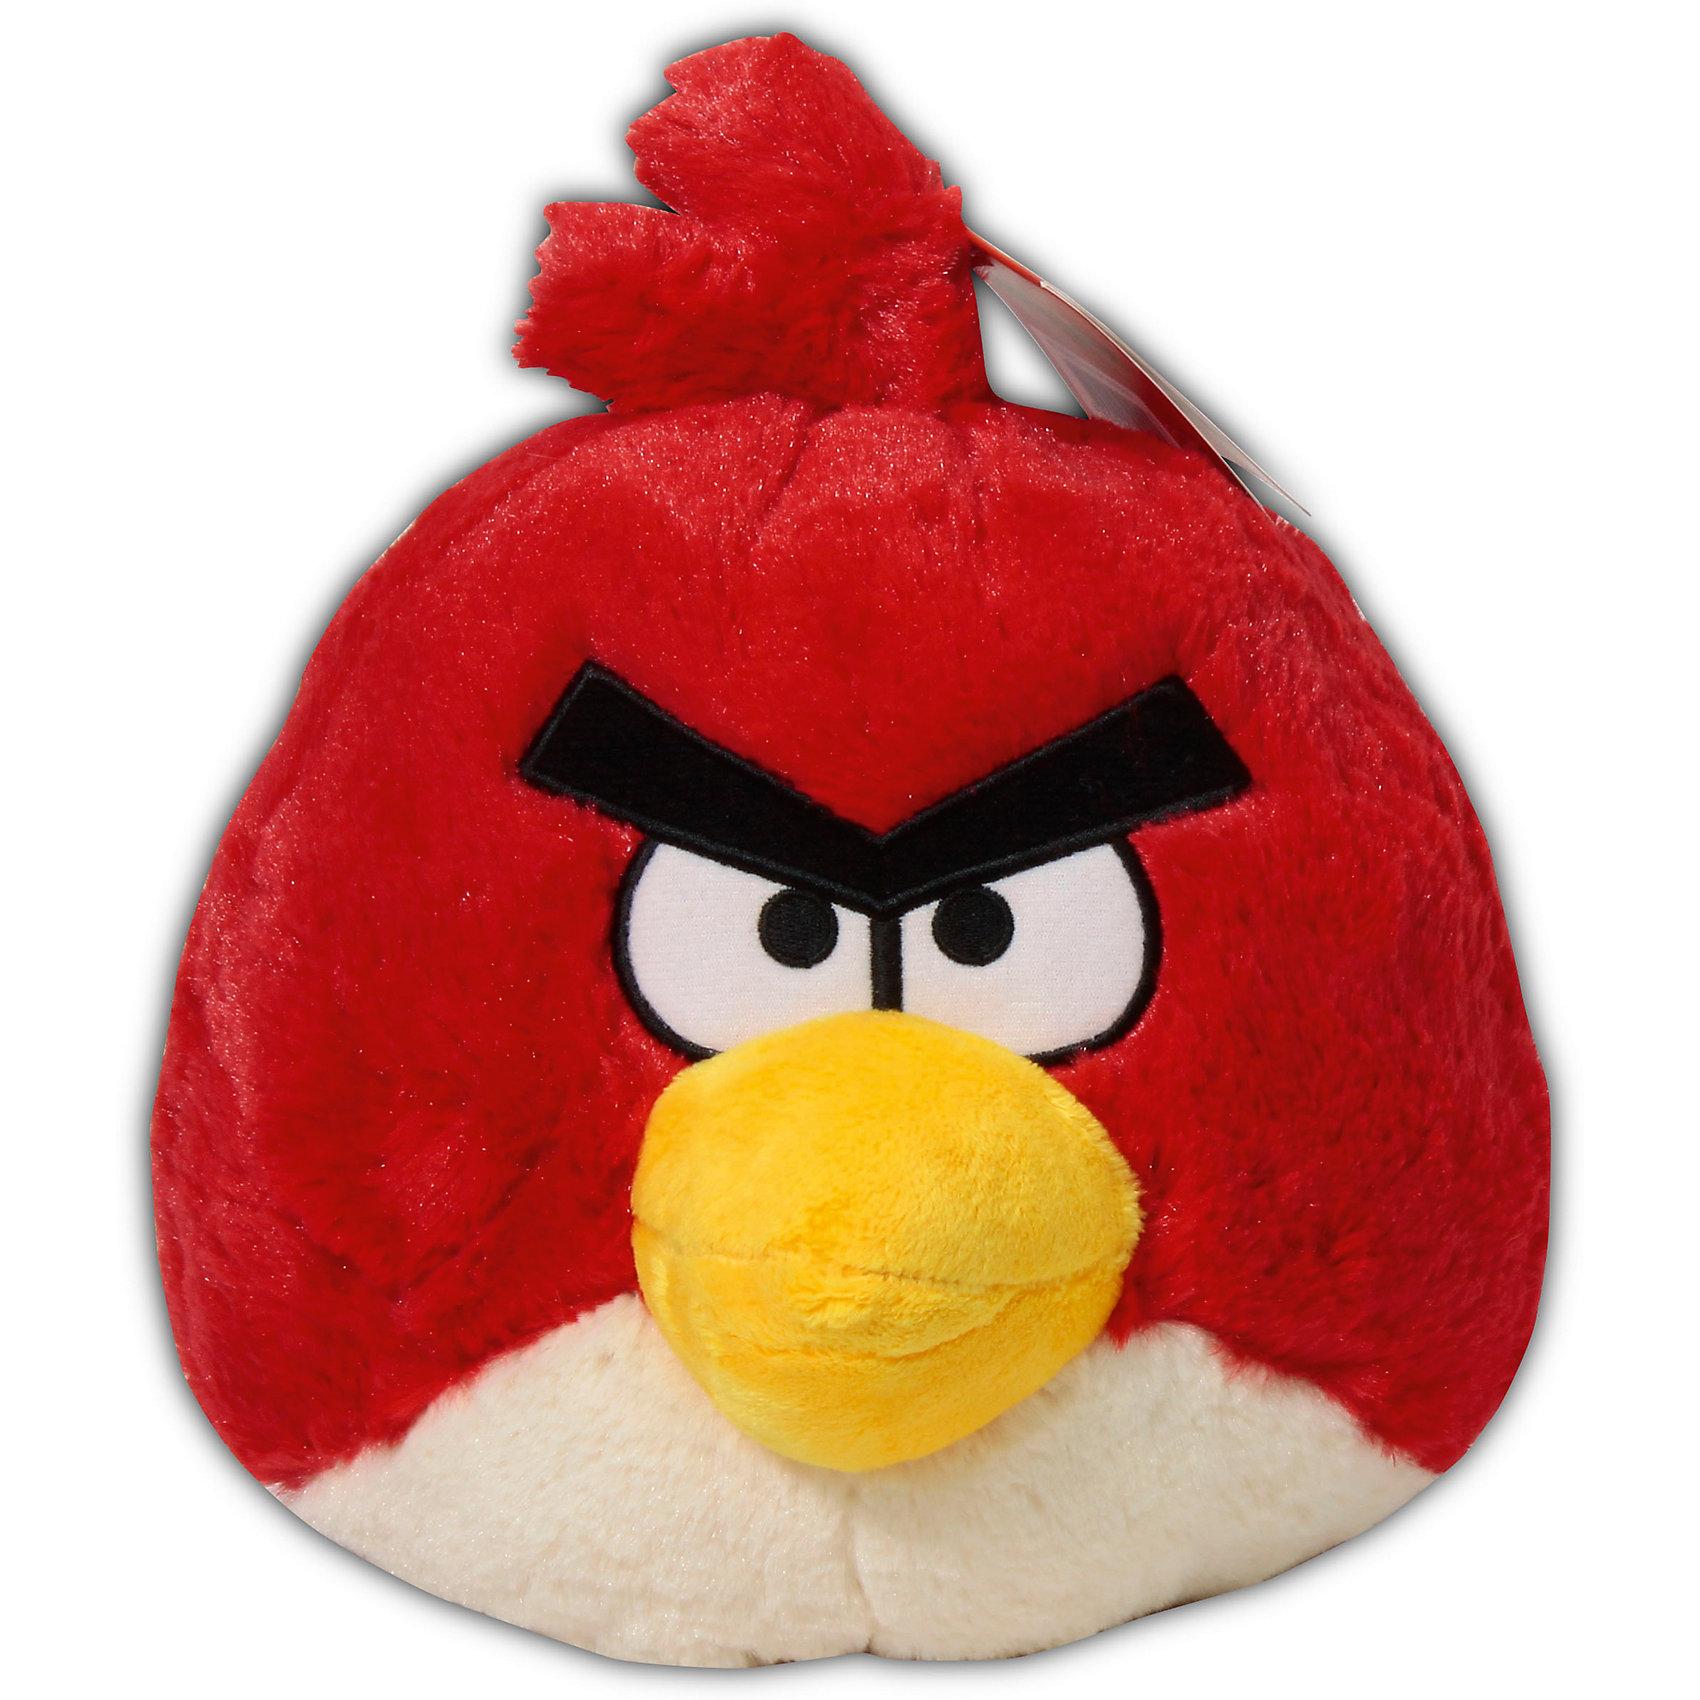 - Мягкая игрушка Красная птица, 20см, Angry Birds angry birds игрушка мягкая angrybirds 90794 1 angry birds